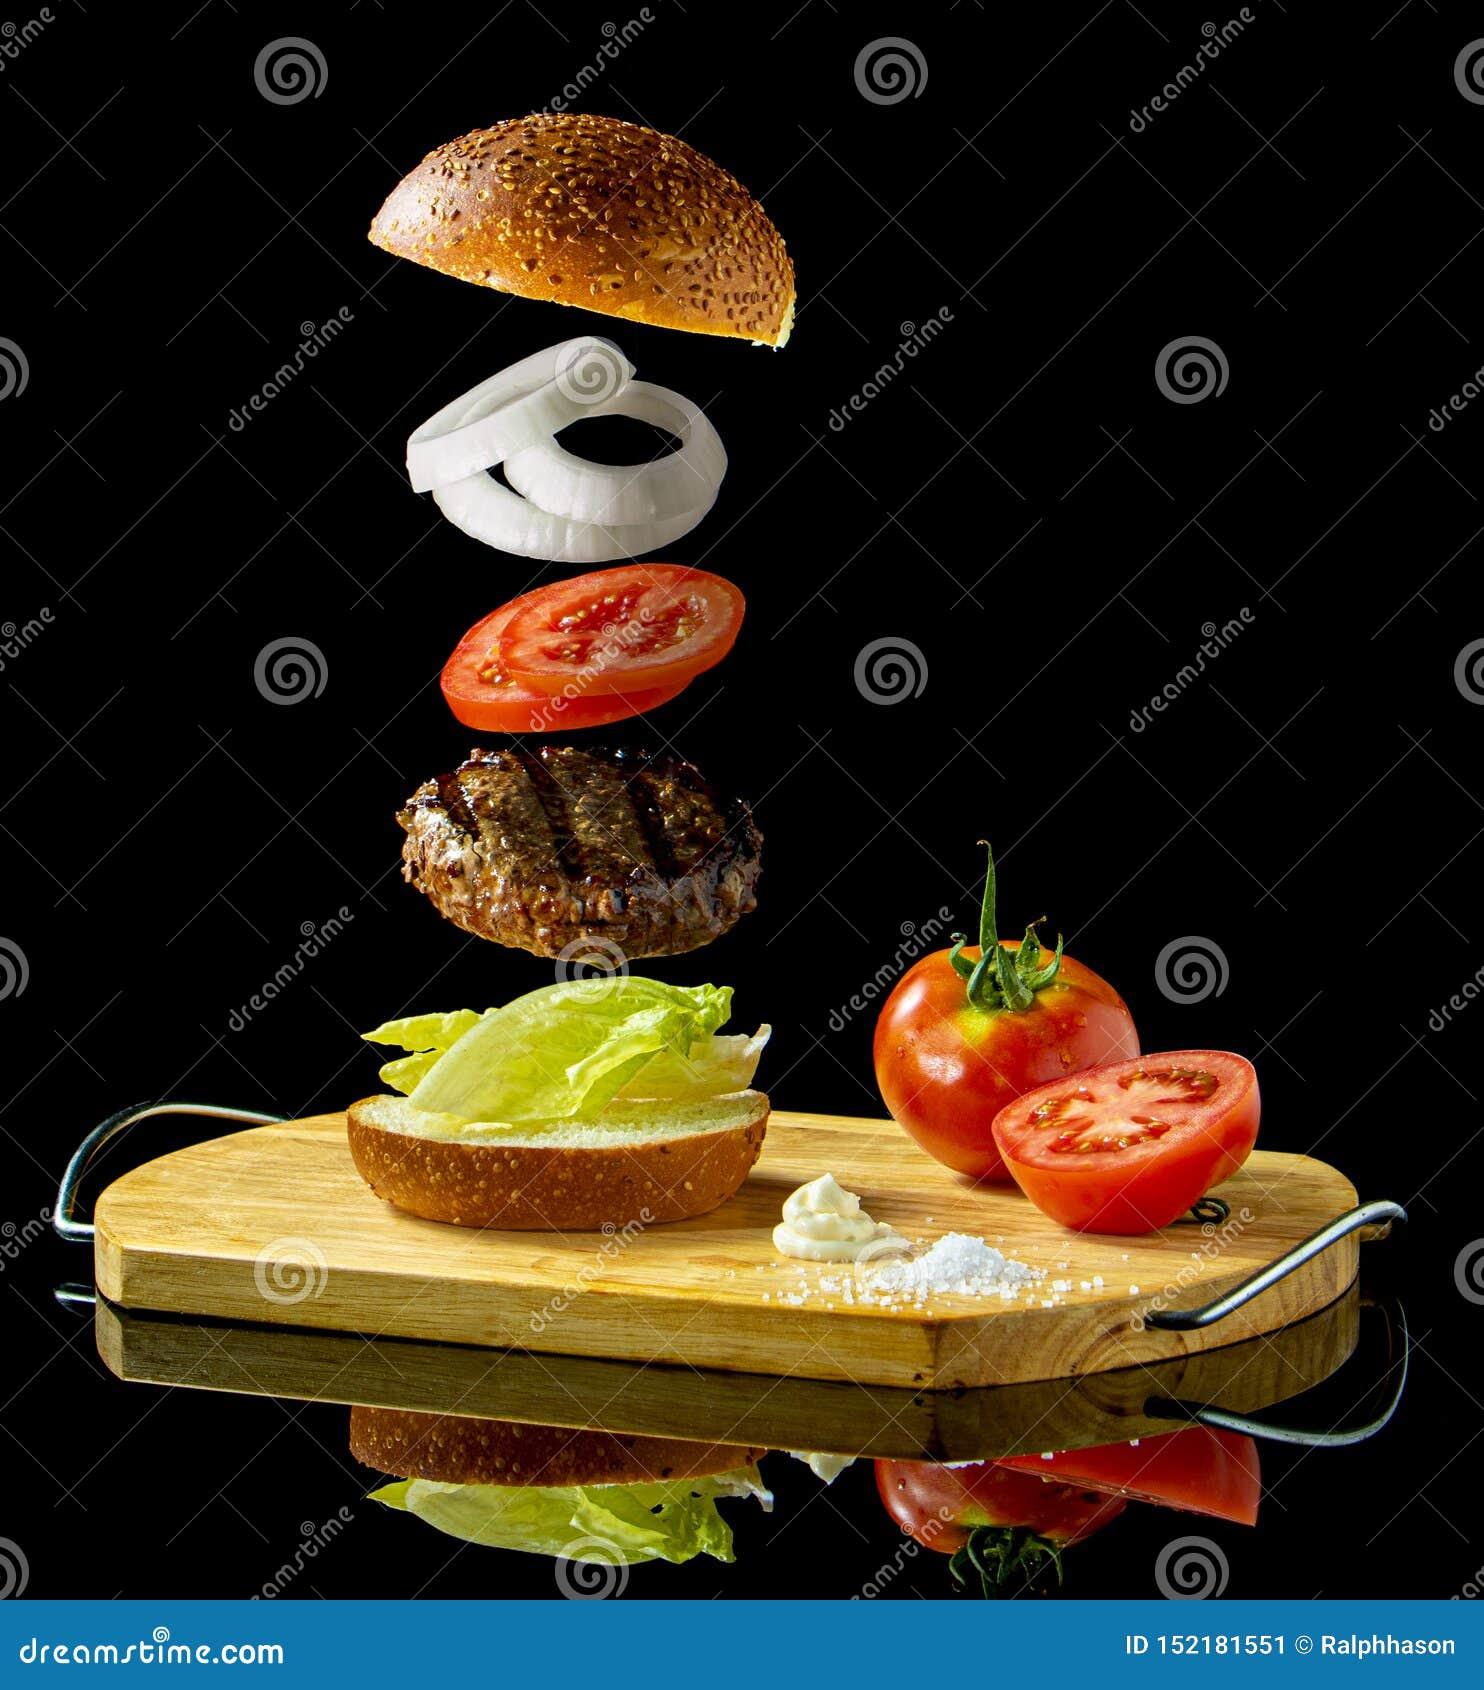 Un bocadillo flotante de la hamburguesa que eleva y mantiene flotando